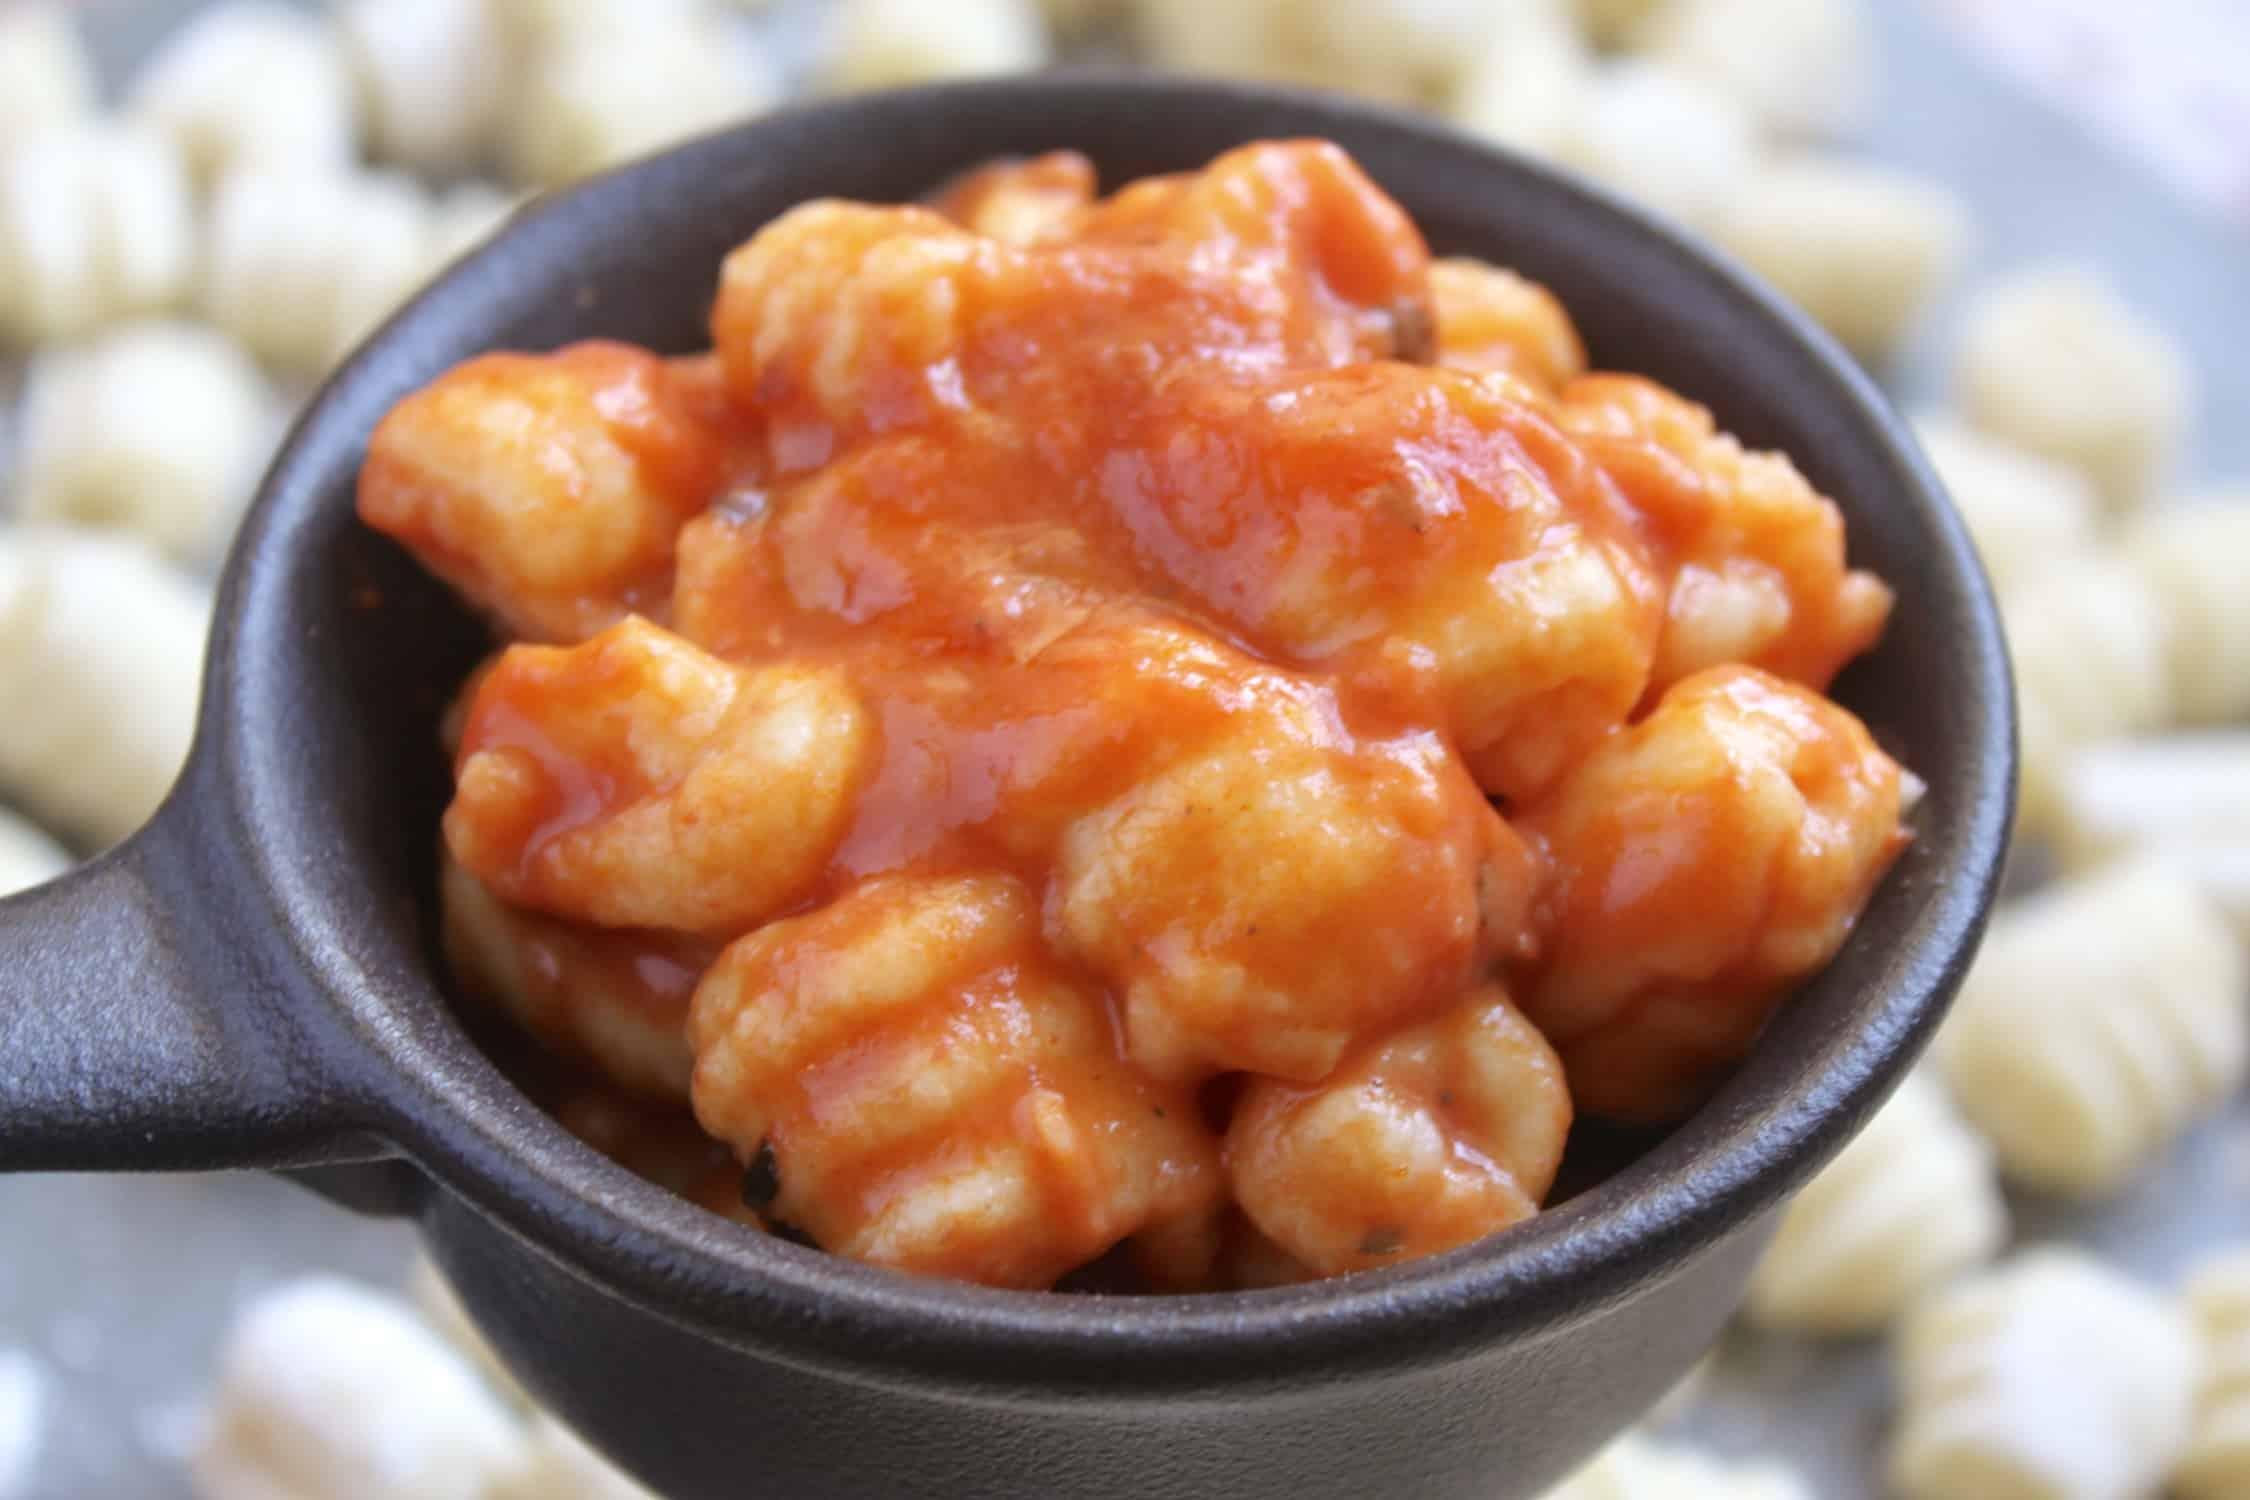 potato gnocchi in a ramekin